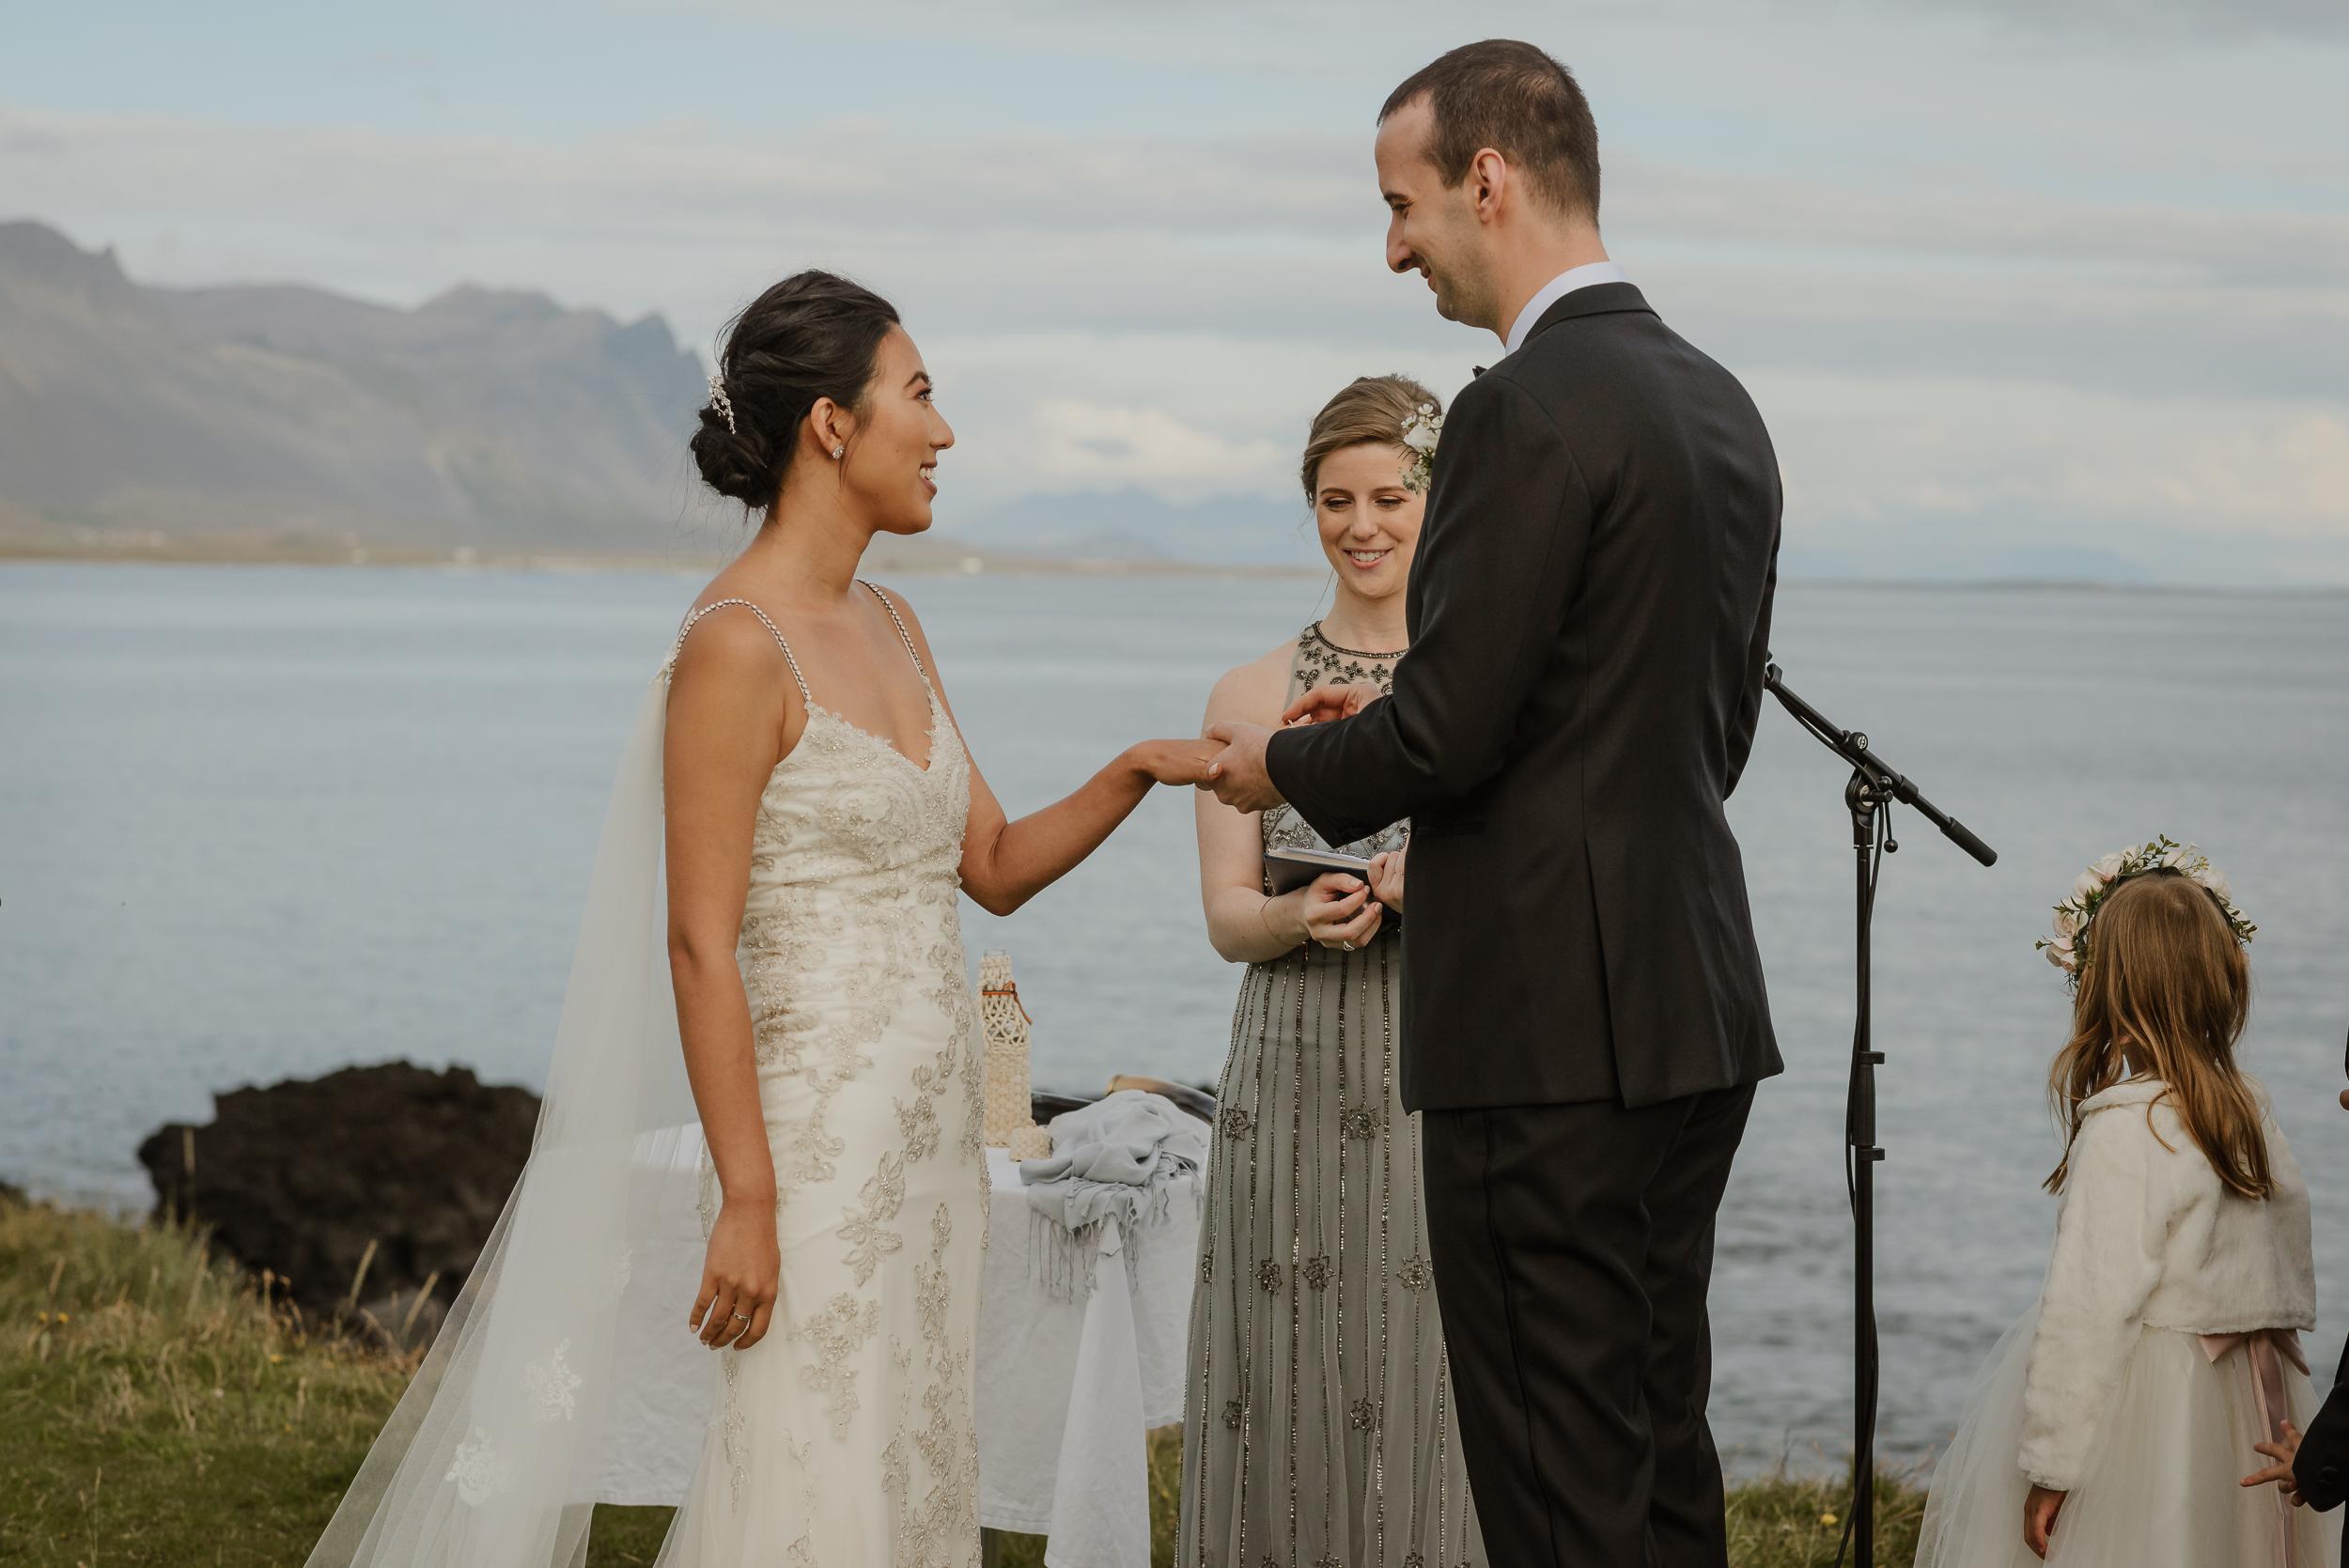 071-hotel-budir-iceland-destination-wedding-vivianchen-637.jpg